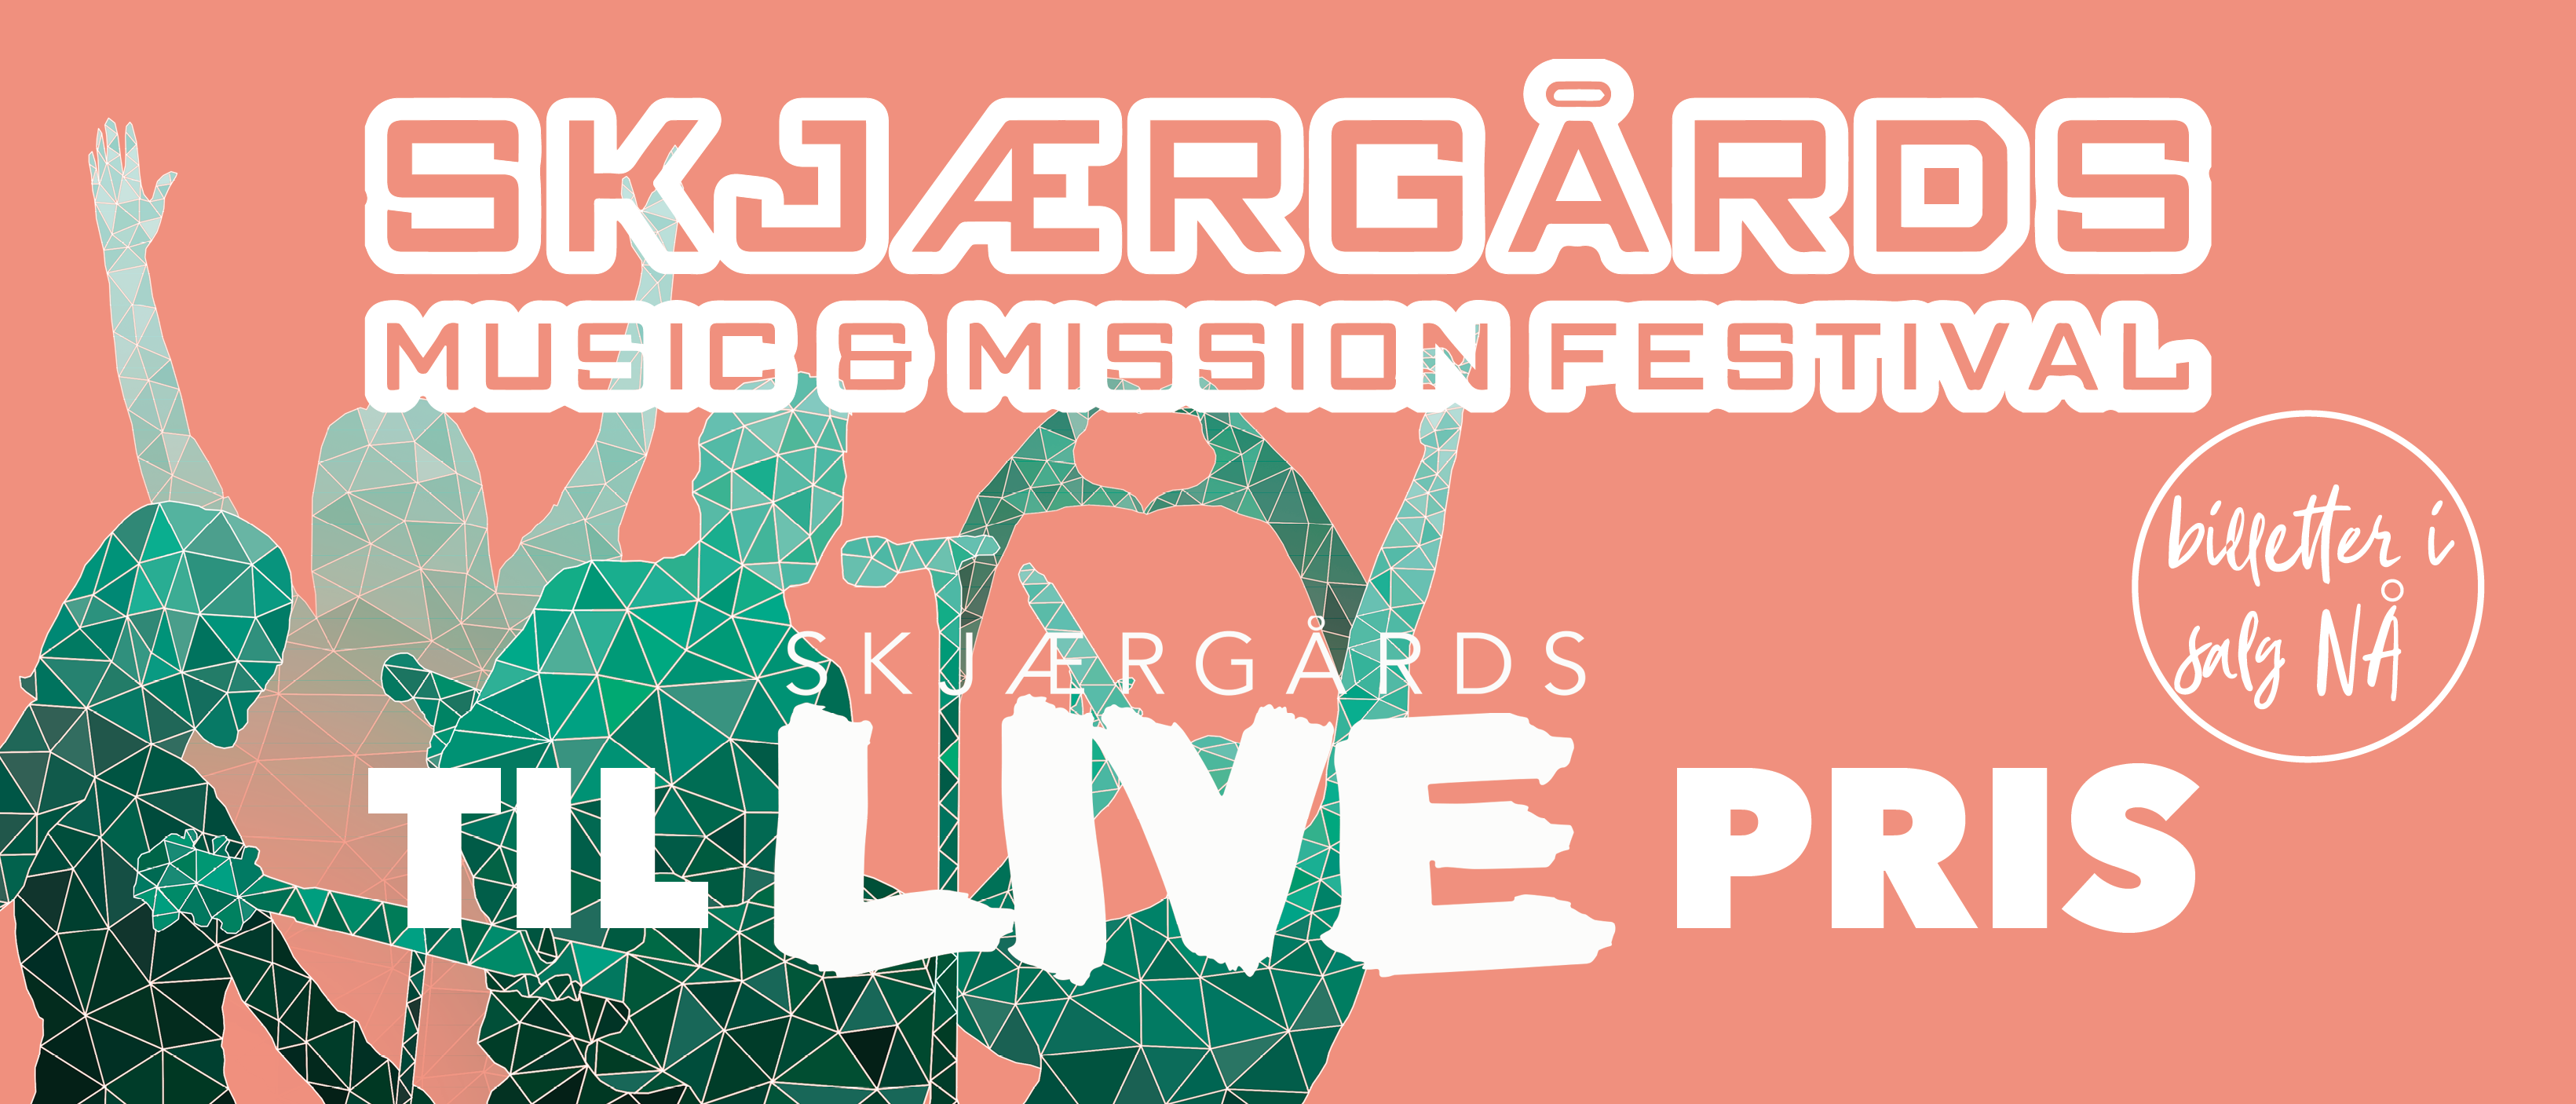 Billetter til Skjærgårds Music & Mission 2020 til medlemspris